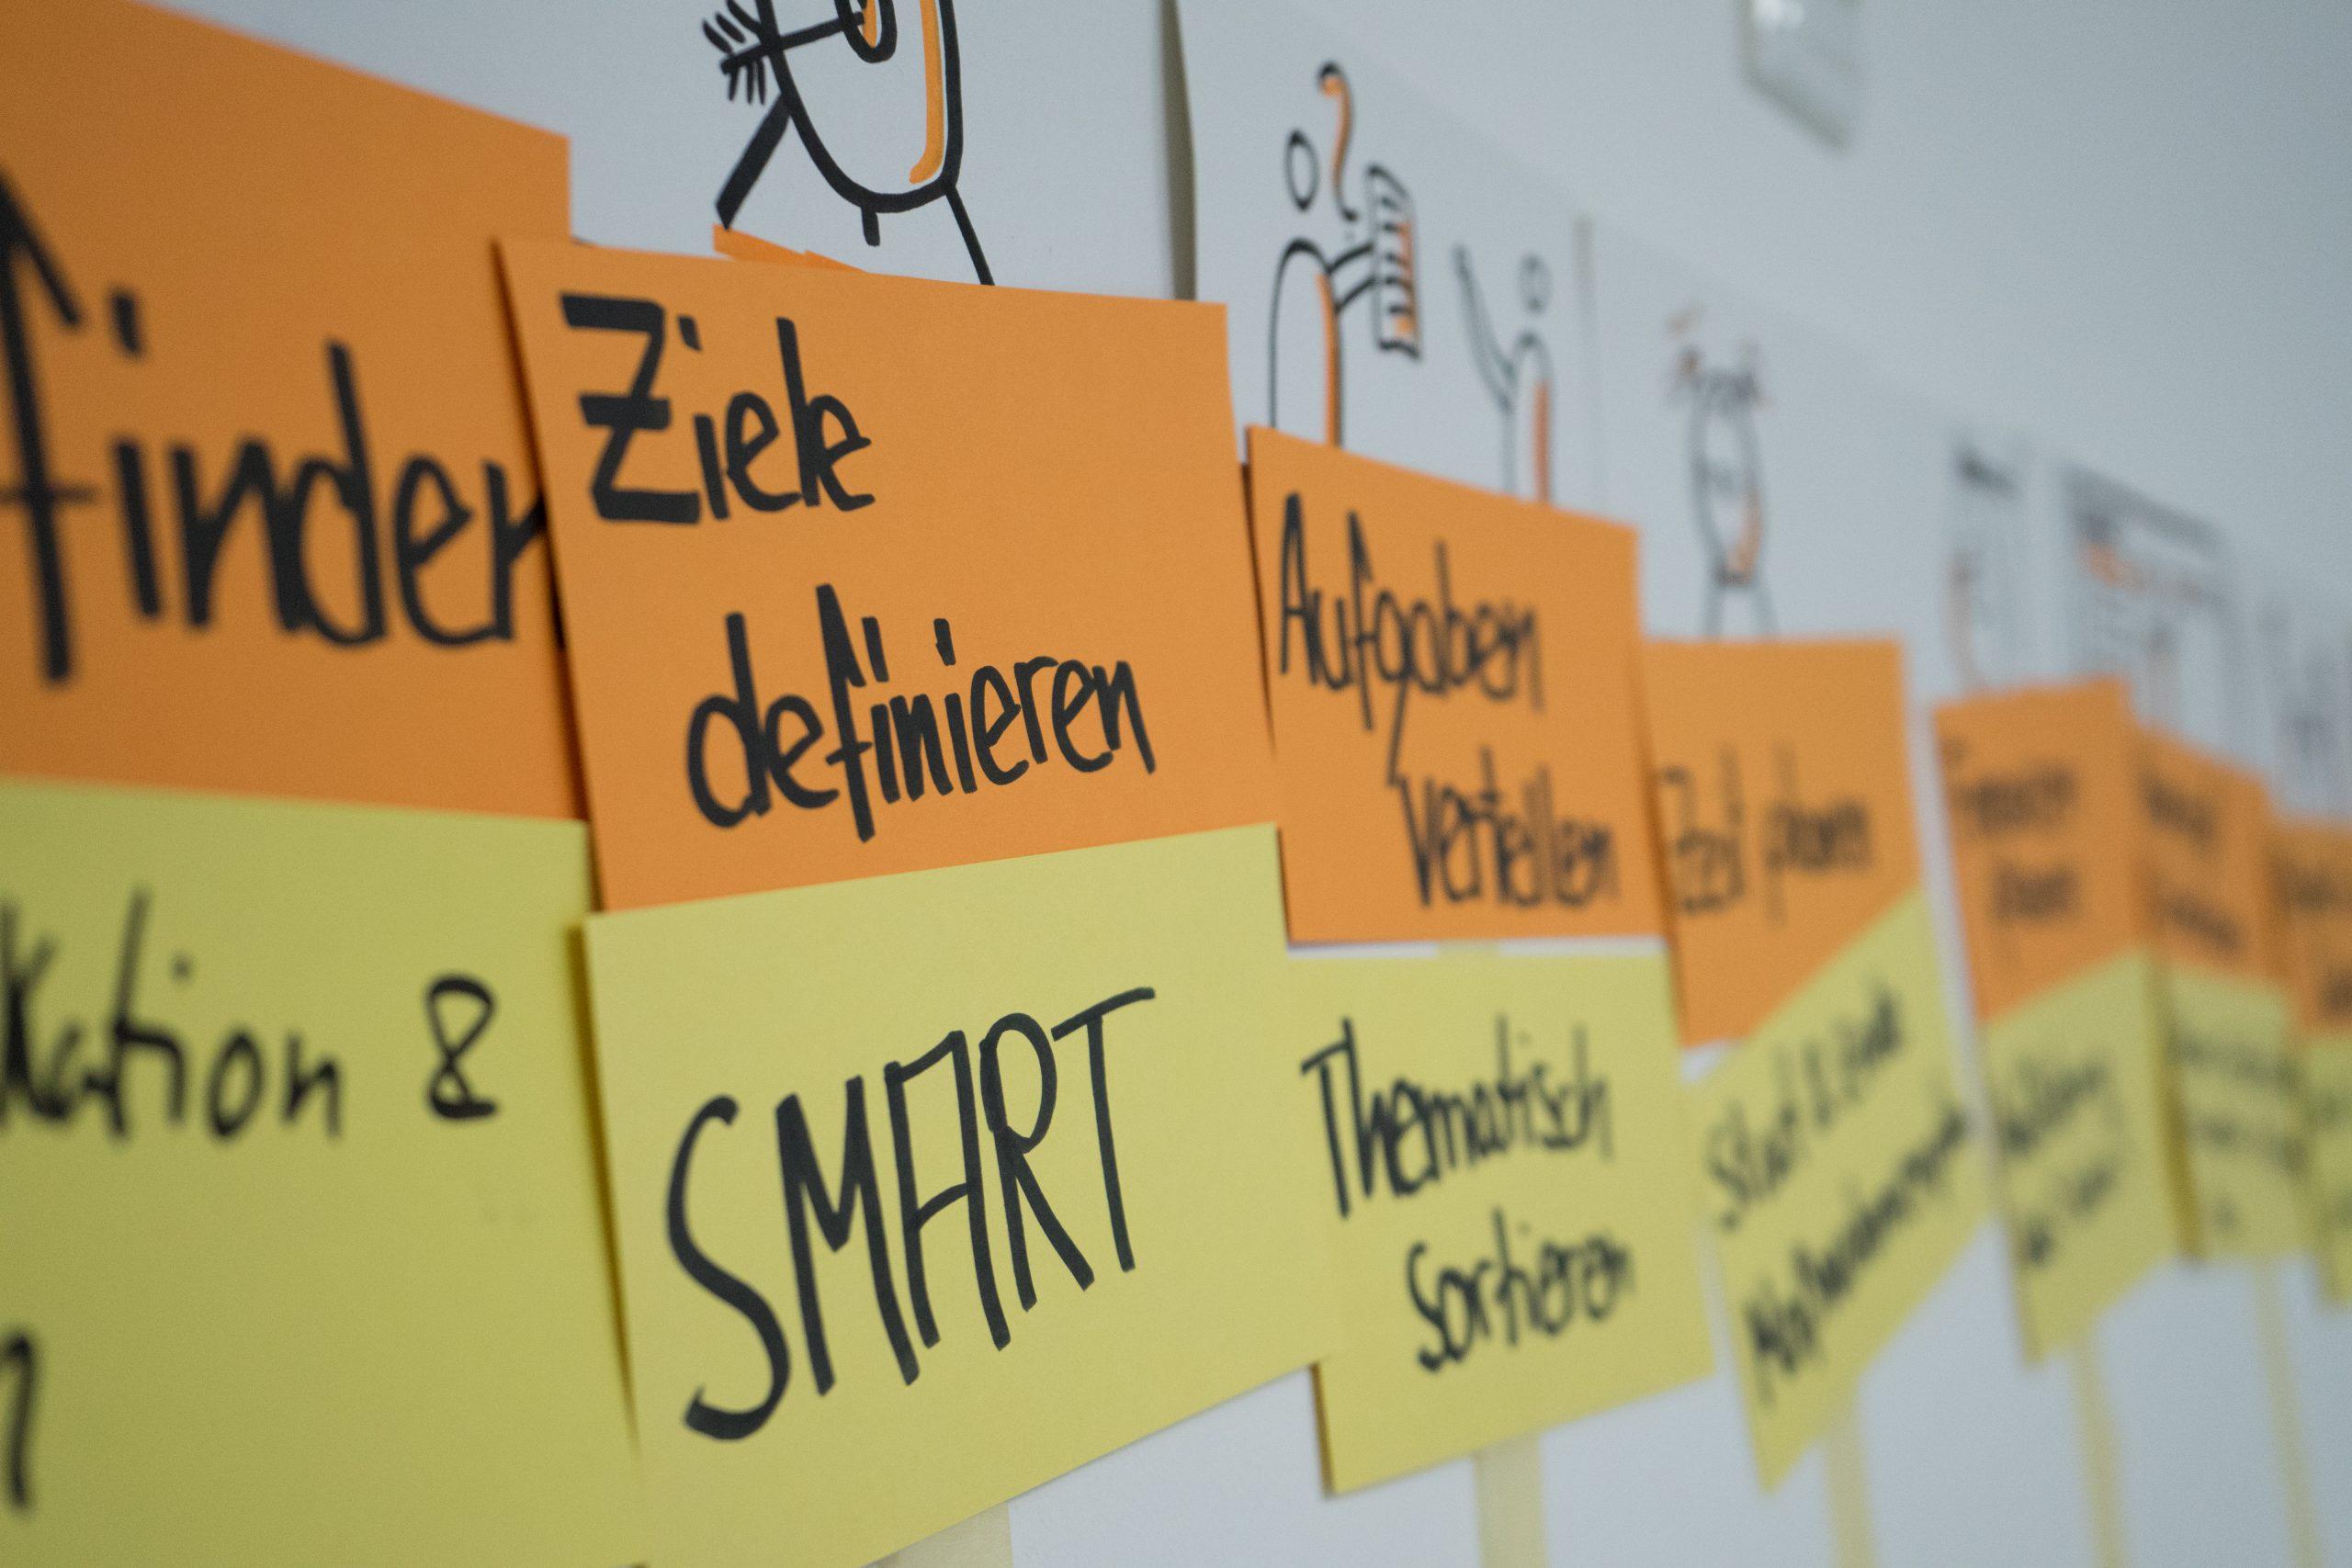 """Auf dem Bild sind viele Moderationskarten zum Thema Projektmanagement an eine Wand gepinnt. Auf zwei deutlich erkennbaren Moderationskarten steht """"Ziele definieren"""" und """"Smart"""". © Servicestelle Jugendbeteiligung e.V., 2019"""